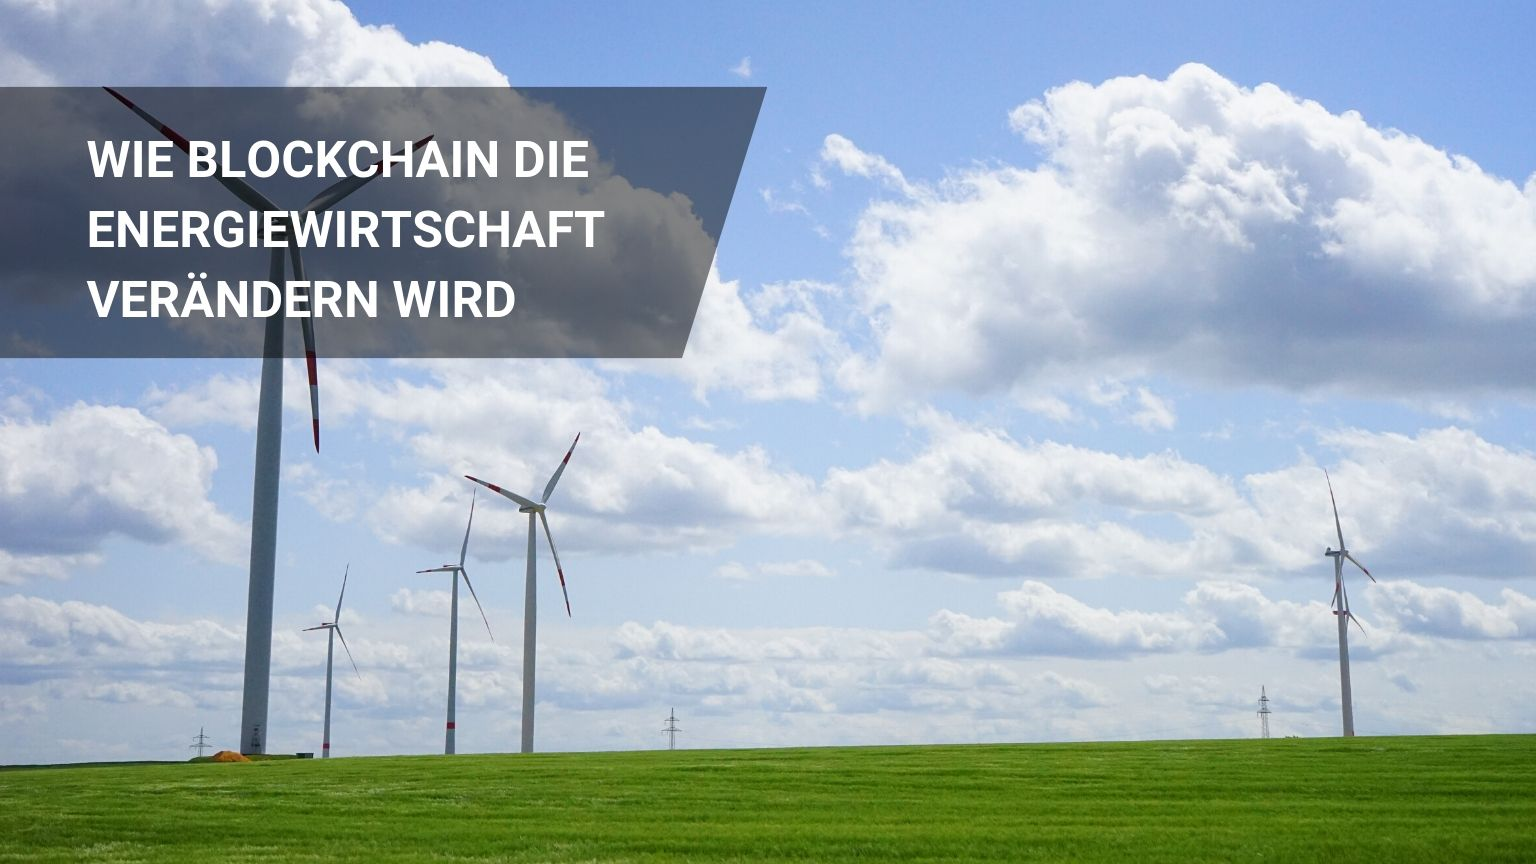 Die 5 Besten Blockchain Energiewirtschaft Use Cases!